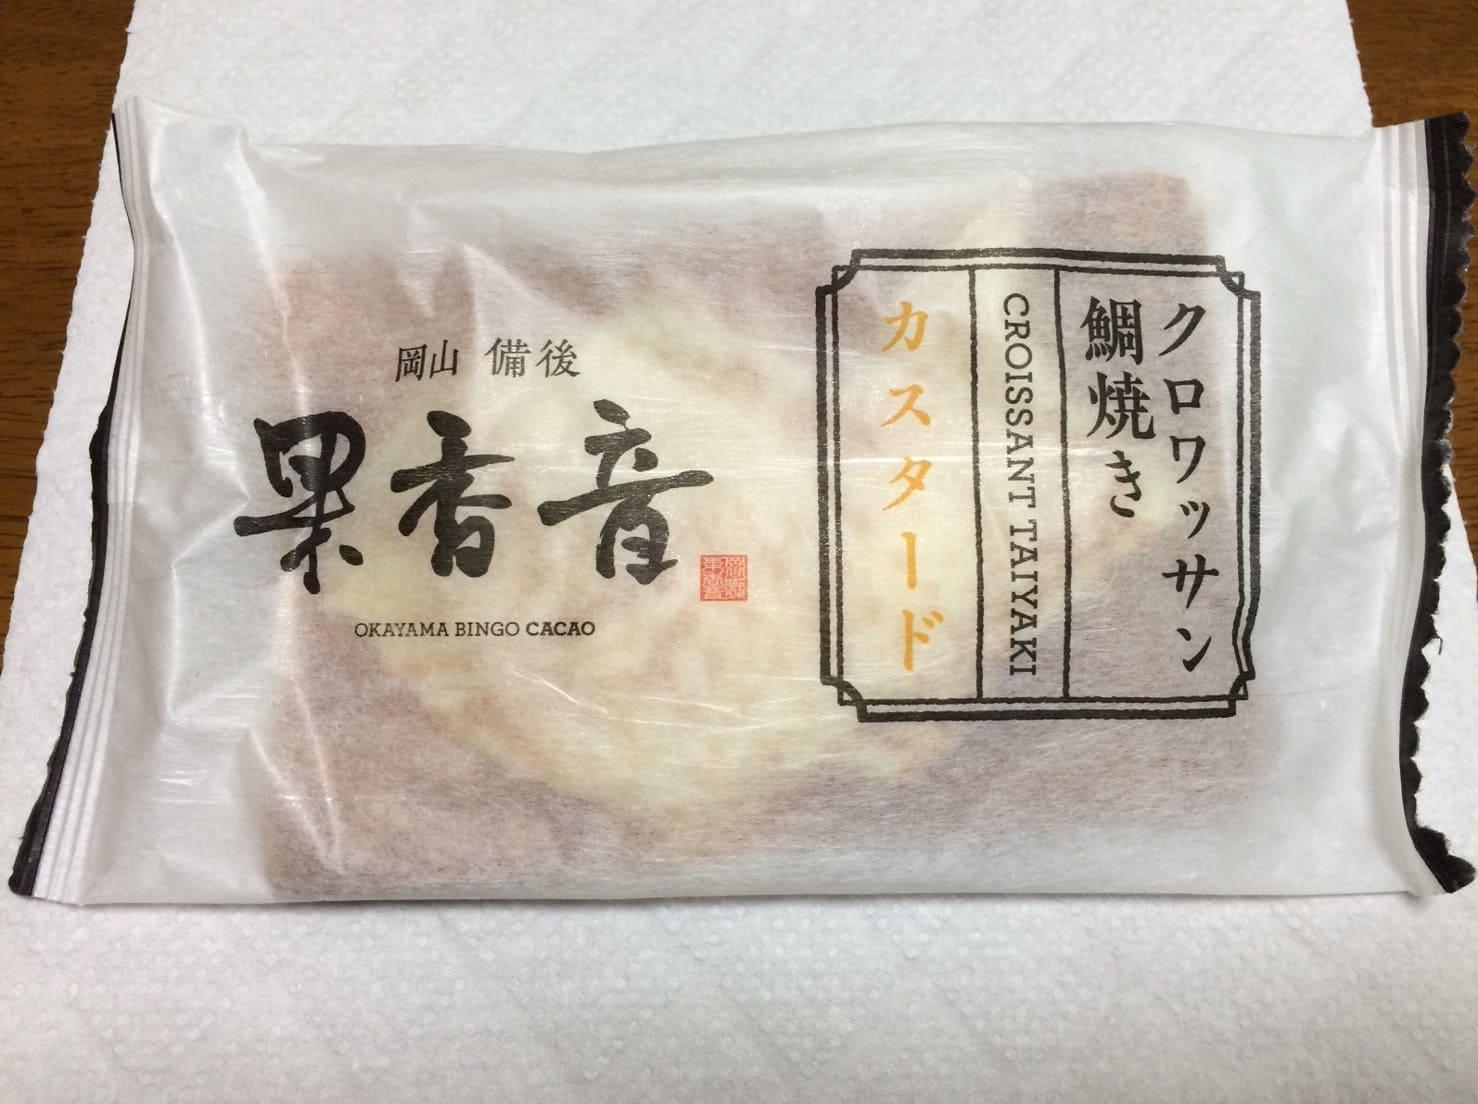 クロワッサン 鯛焼き 果香音